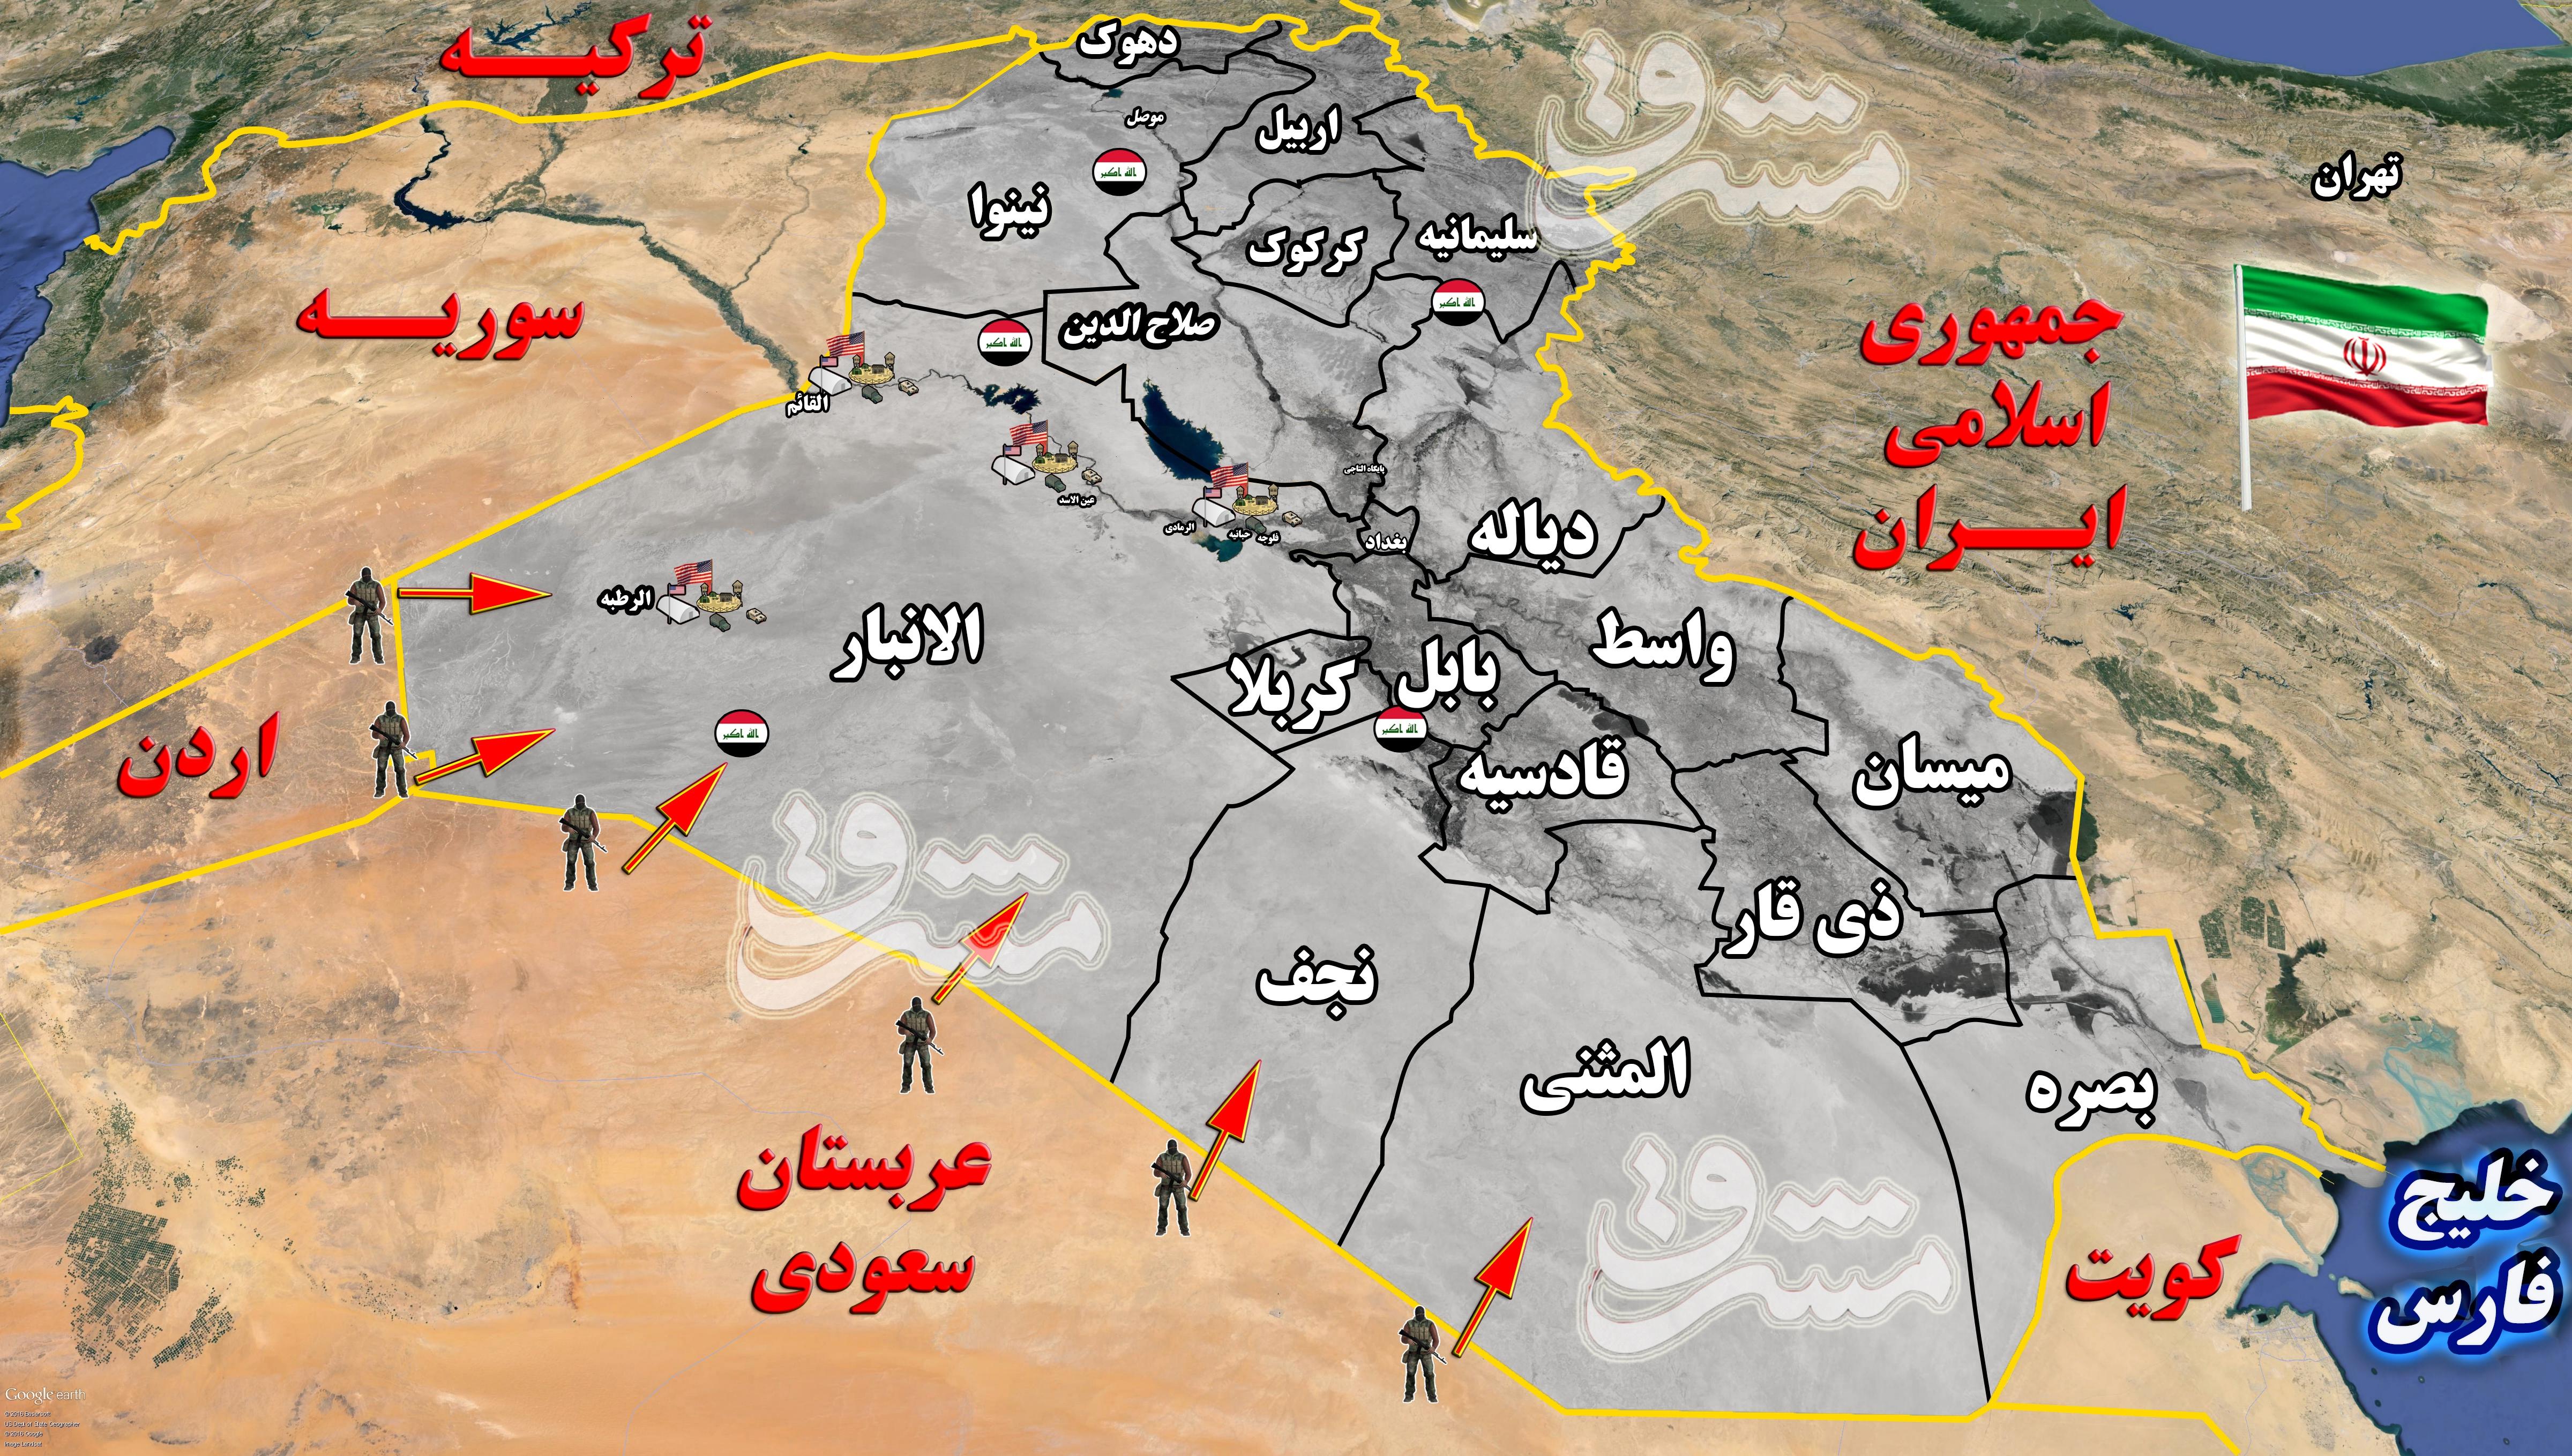 پیدا و پنهان تدارک جنگی خانمان برانداز برای عراق توسط آمریکا